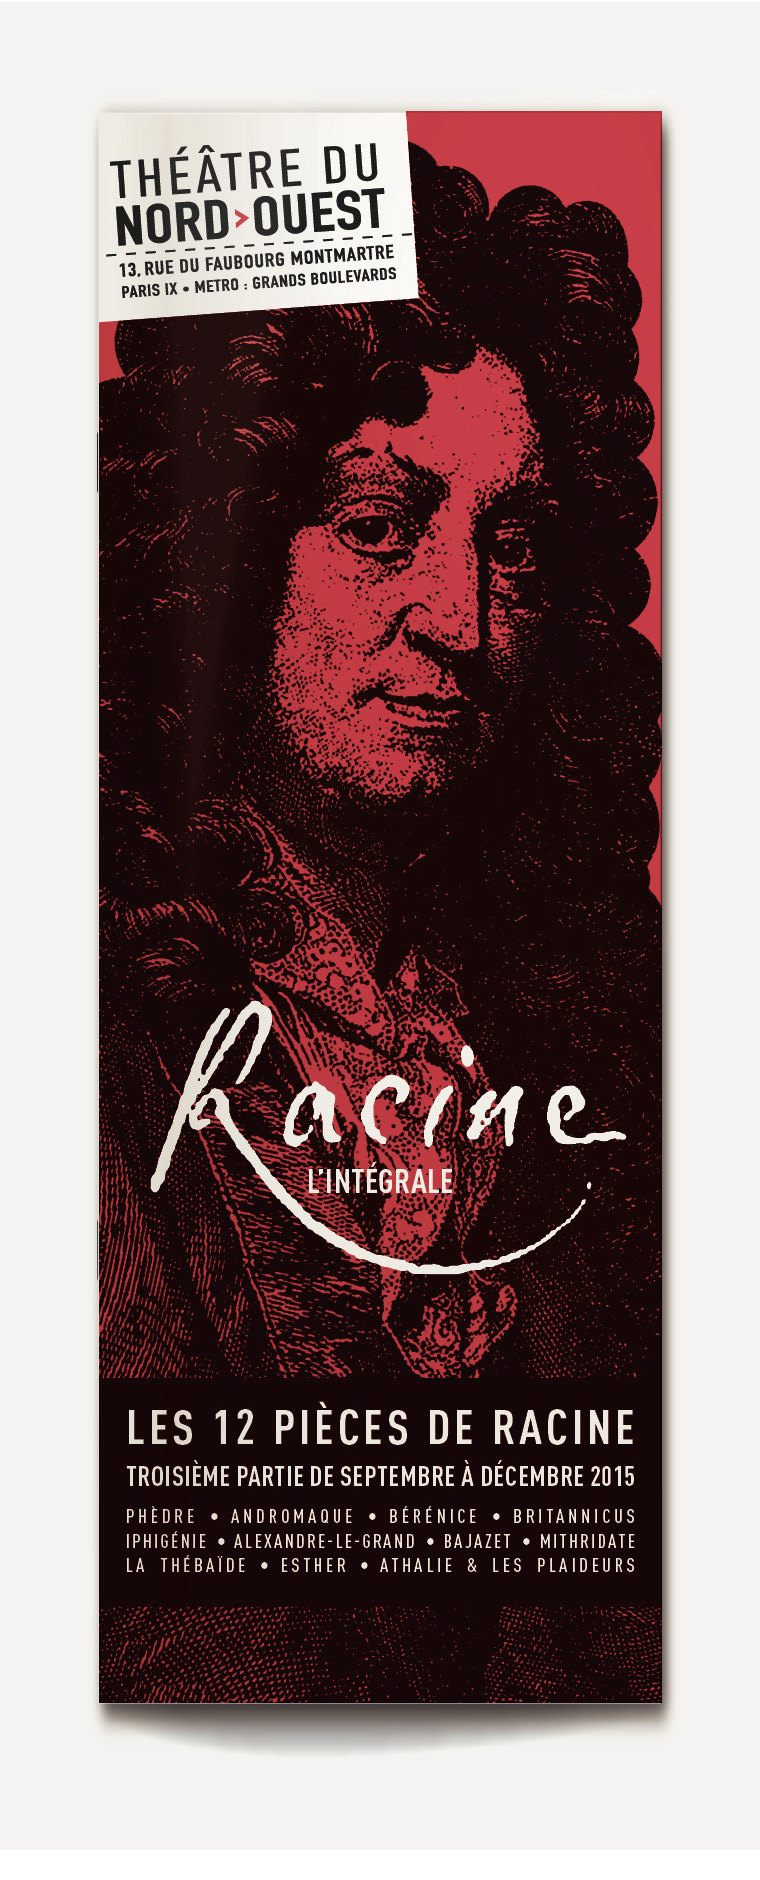 Théâtre du Nord programme Intégrale Racine 2014-2015